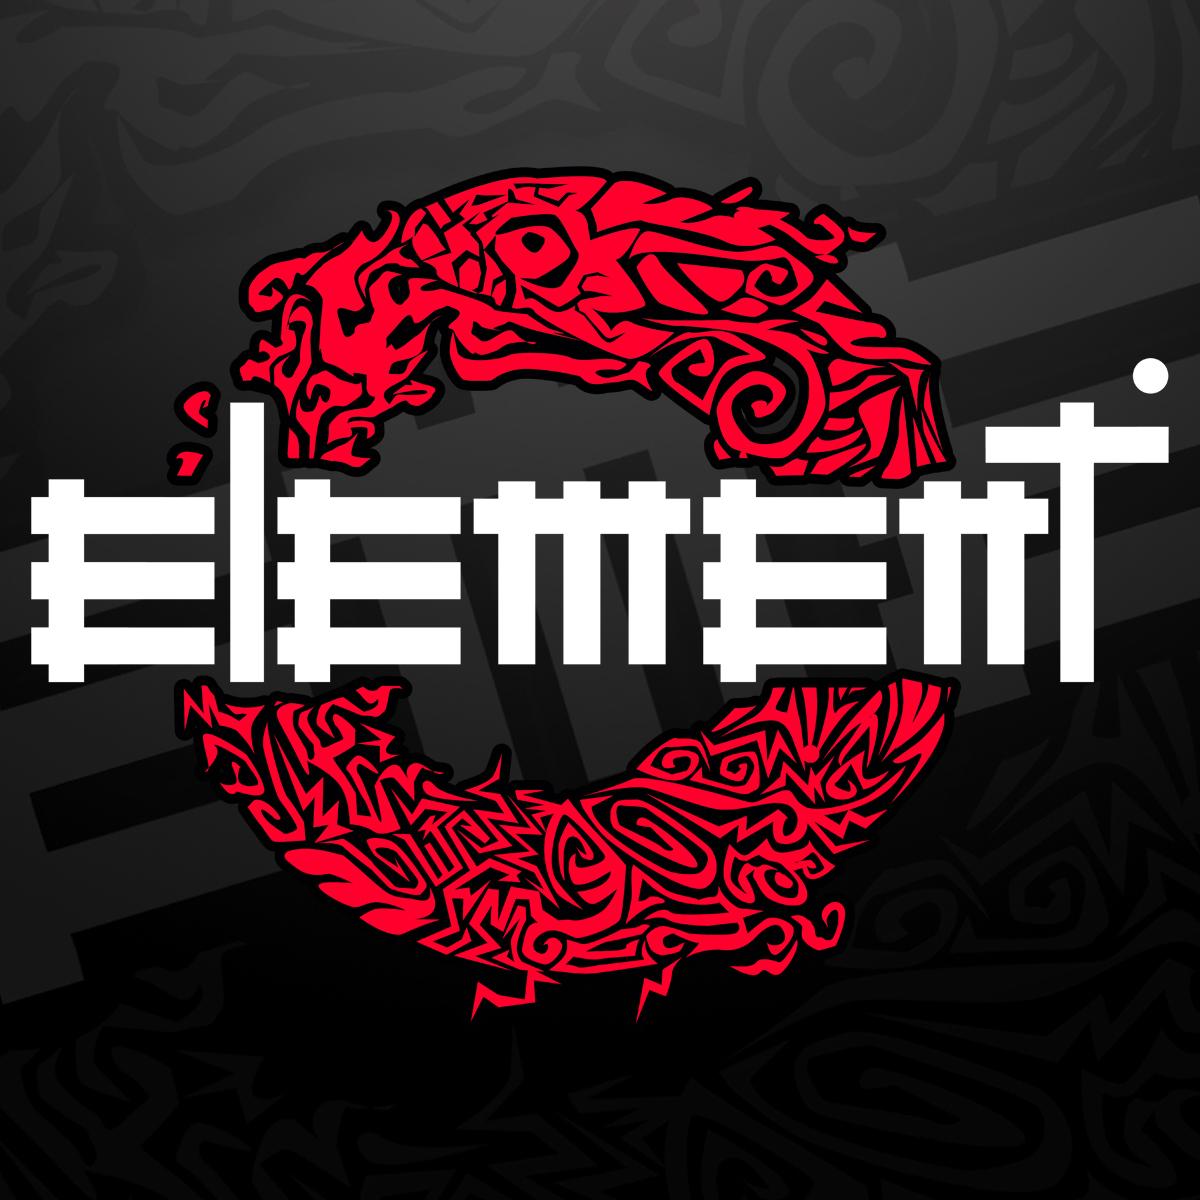 Element Gaming's logo